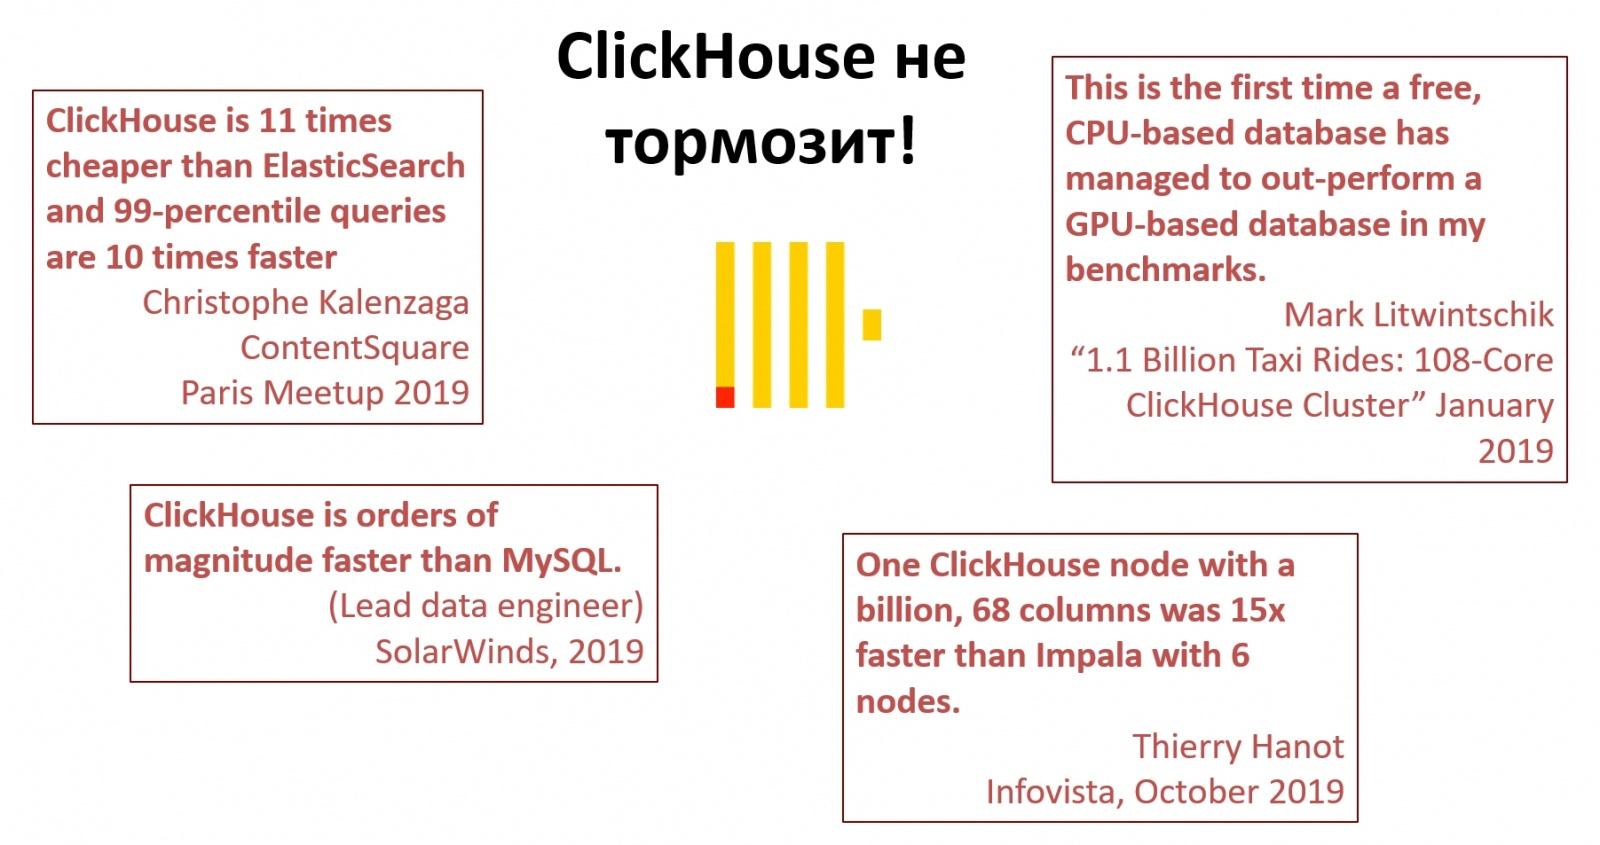 Переезжаем на ClickHouse: 3 года спустя - 2